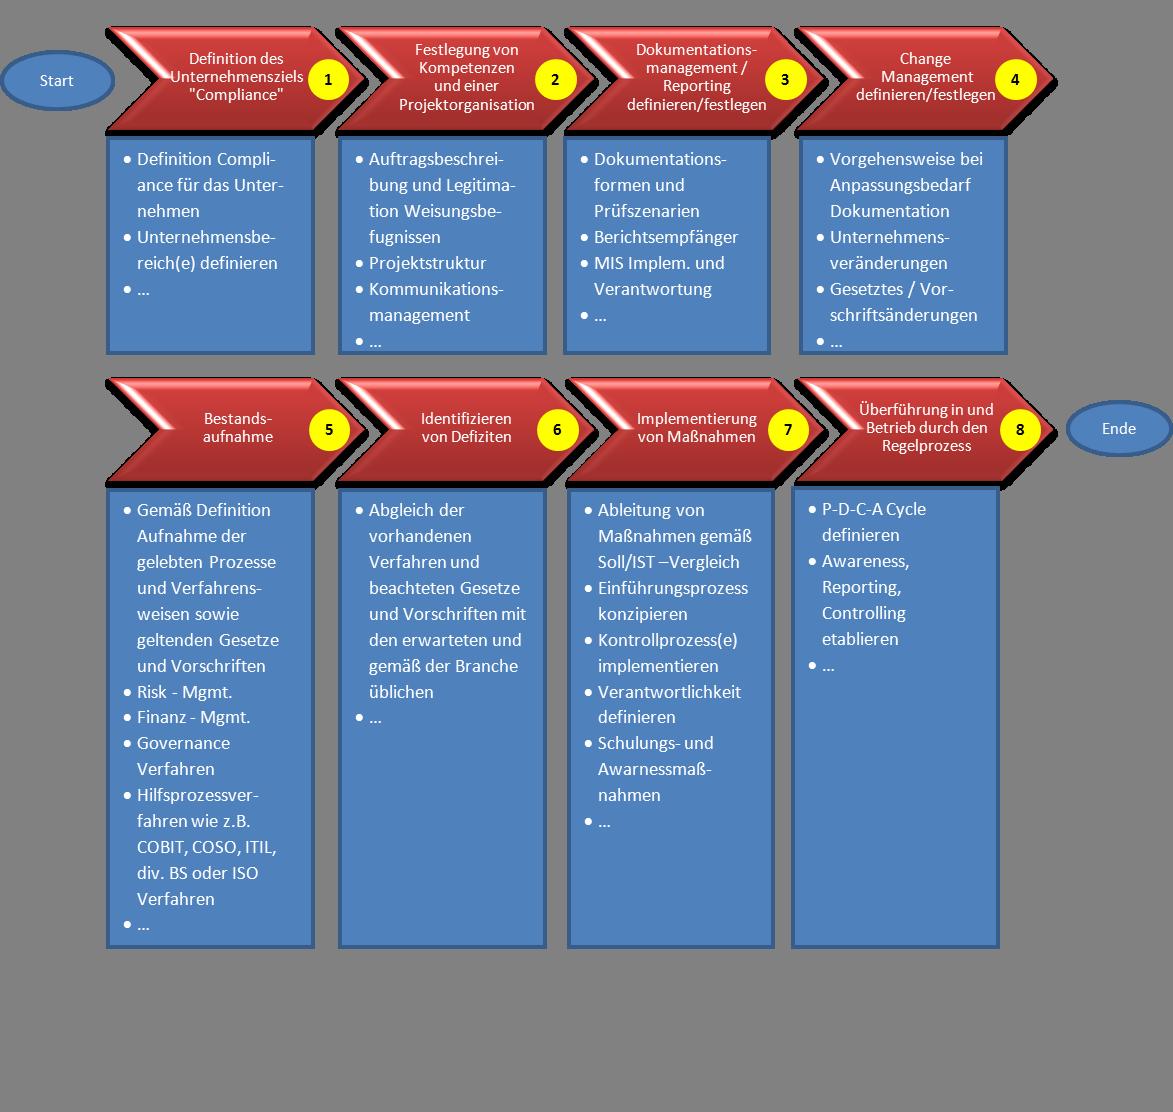 Prozessmodell zur Einführung eines Compliance Management Systems